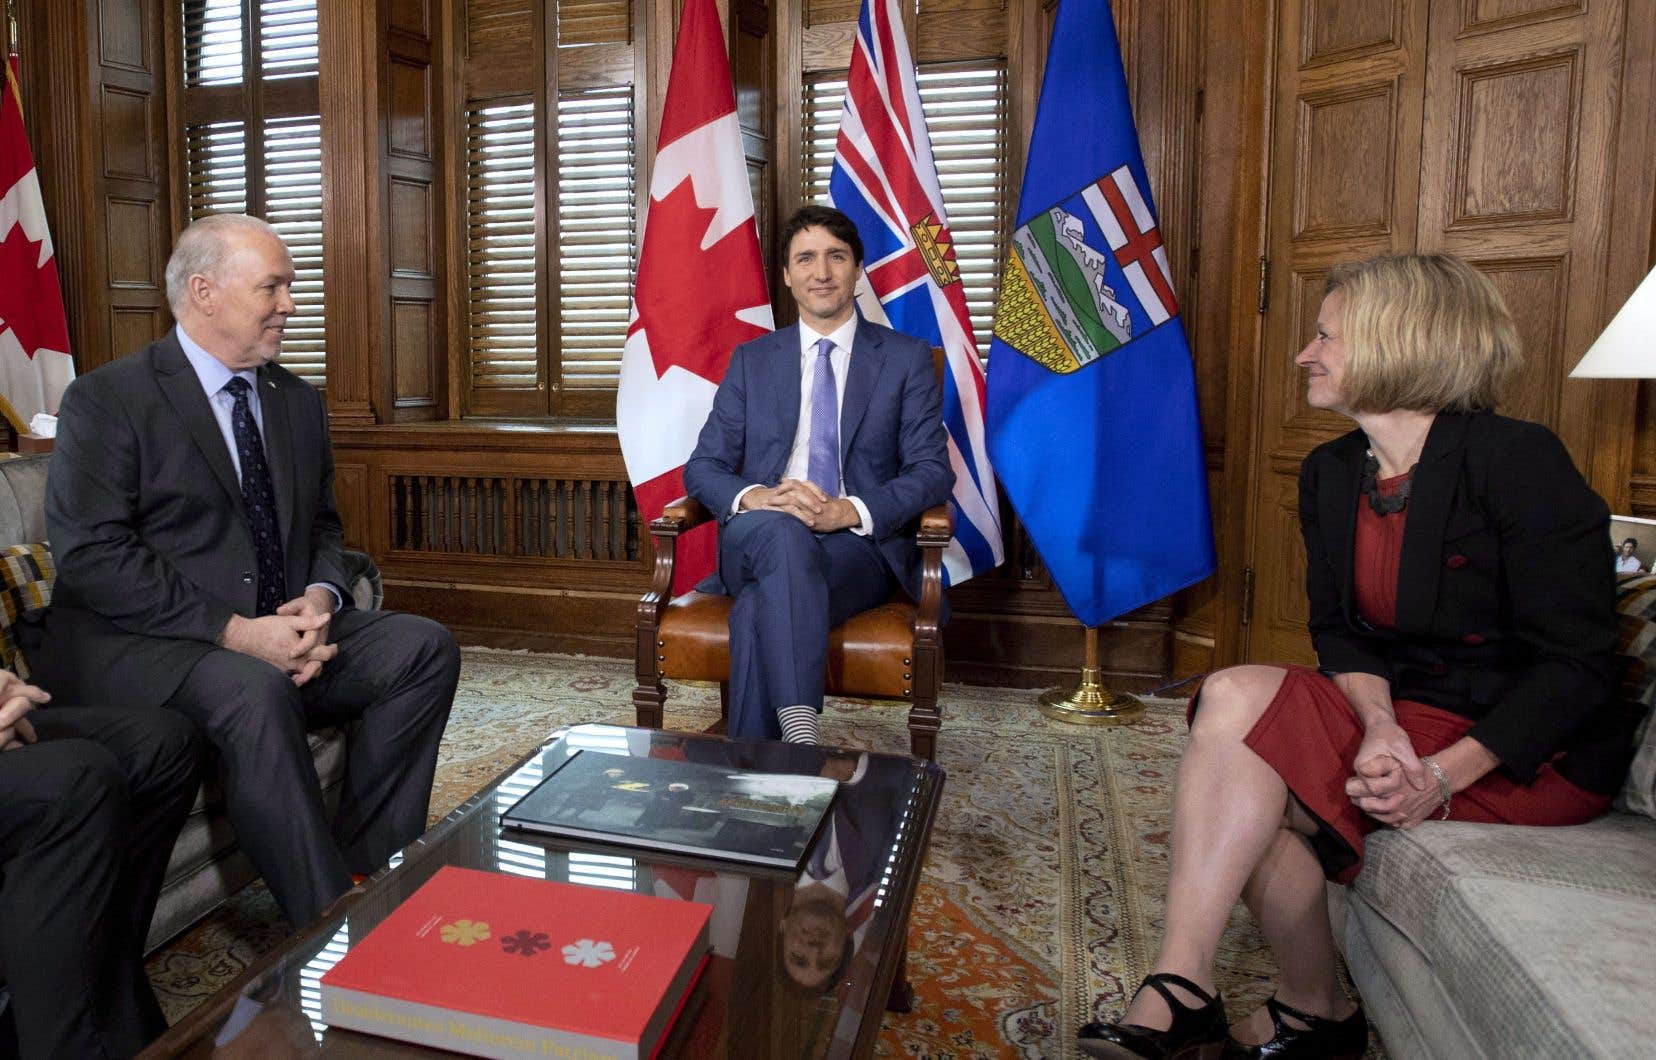 Le premier ministre Justin Trudeau (au centre) ainsi que ses homologues provinciaux John Horgan et Rachel Notley, se sont réunis dimanche à Ottawa.